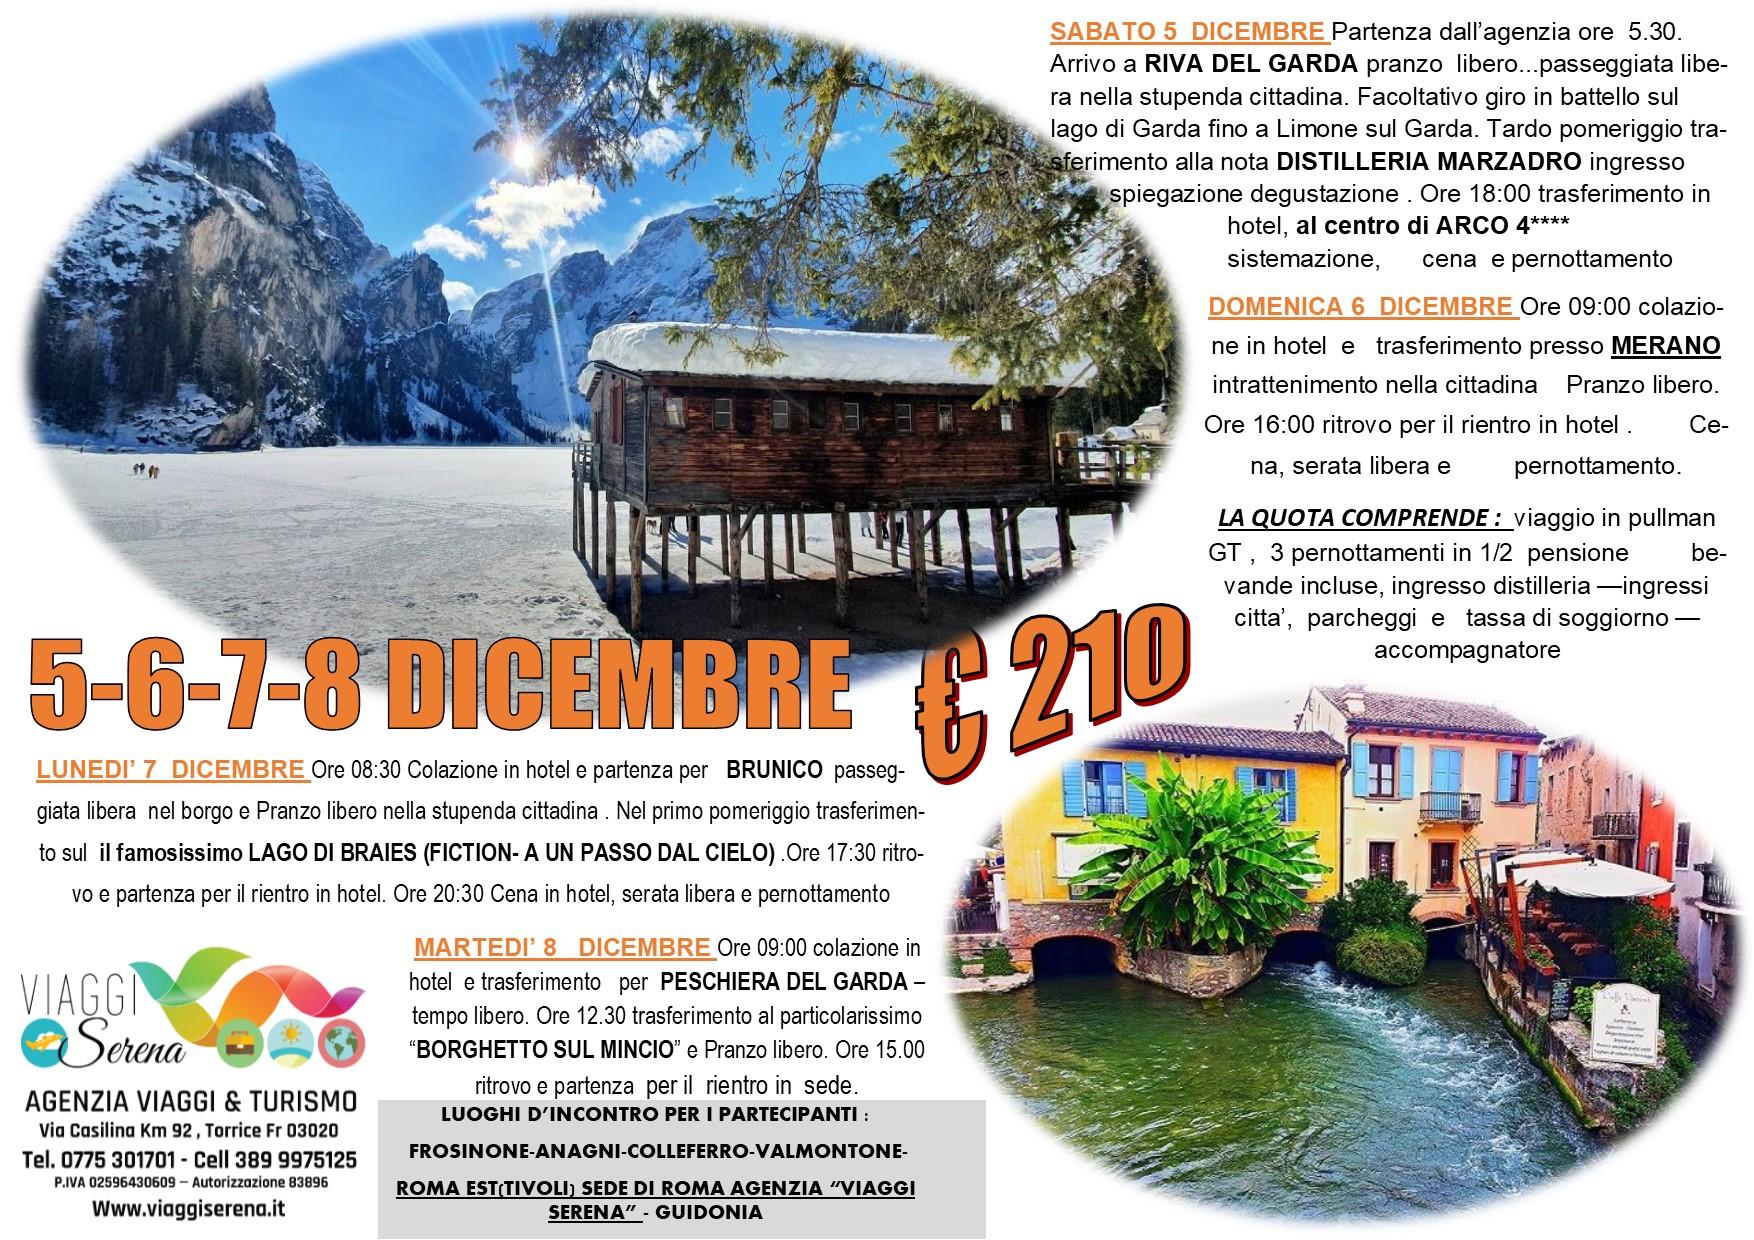 Viaggi di Gruppo: Lago di BRAIES , Brunico, Merano & Borghetto sul Mincio 5-6-7-8 Dicembre € 210,00